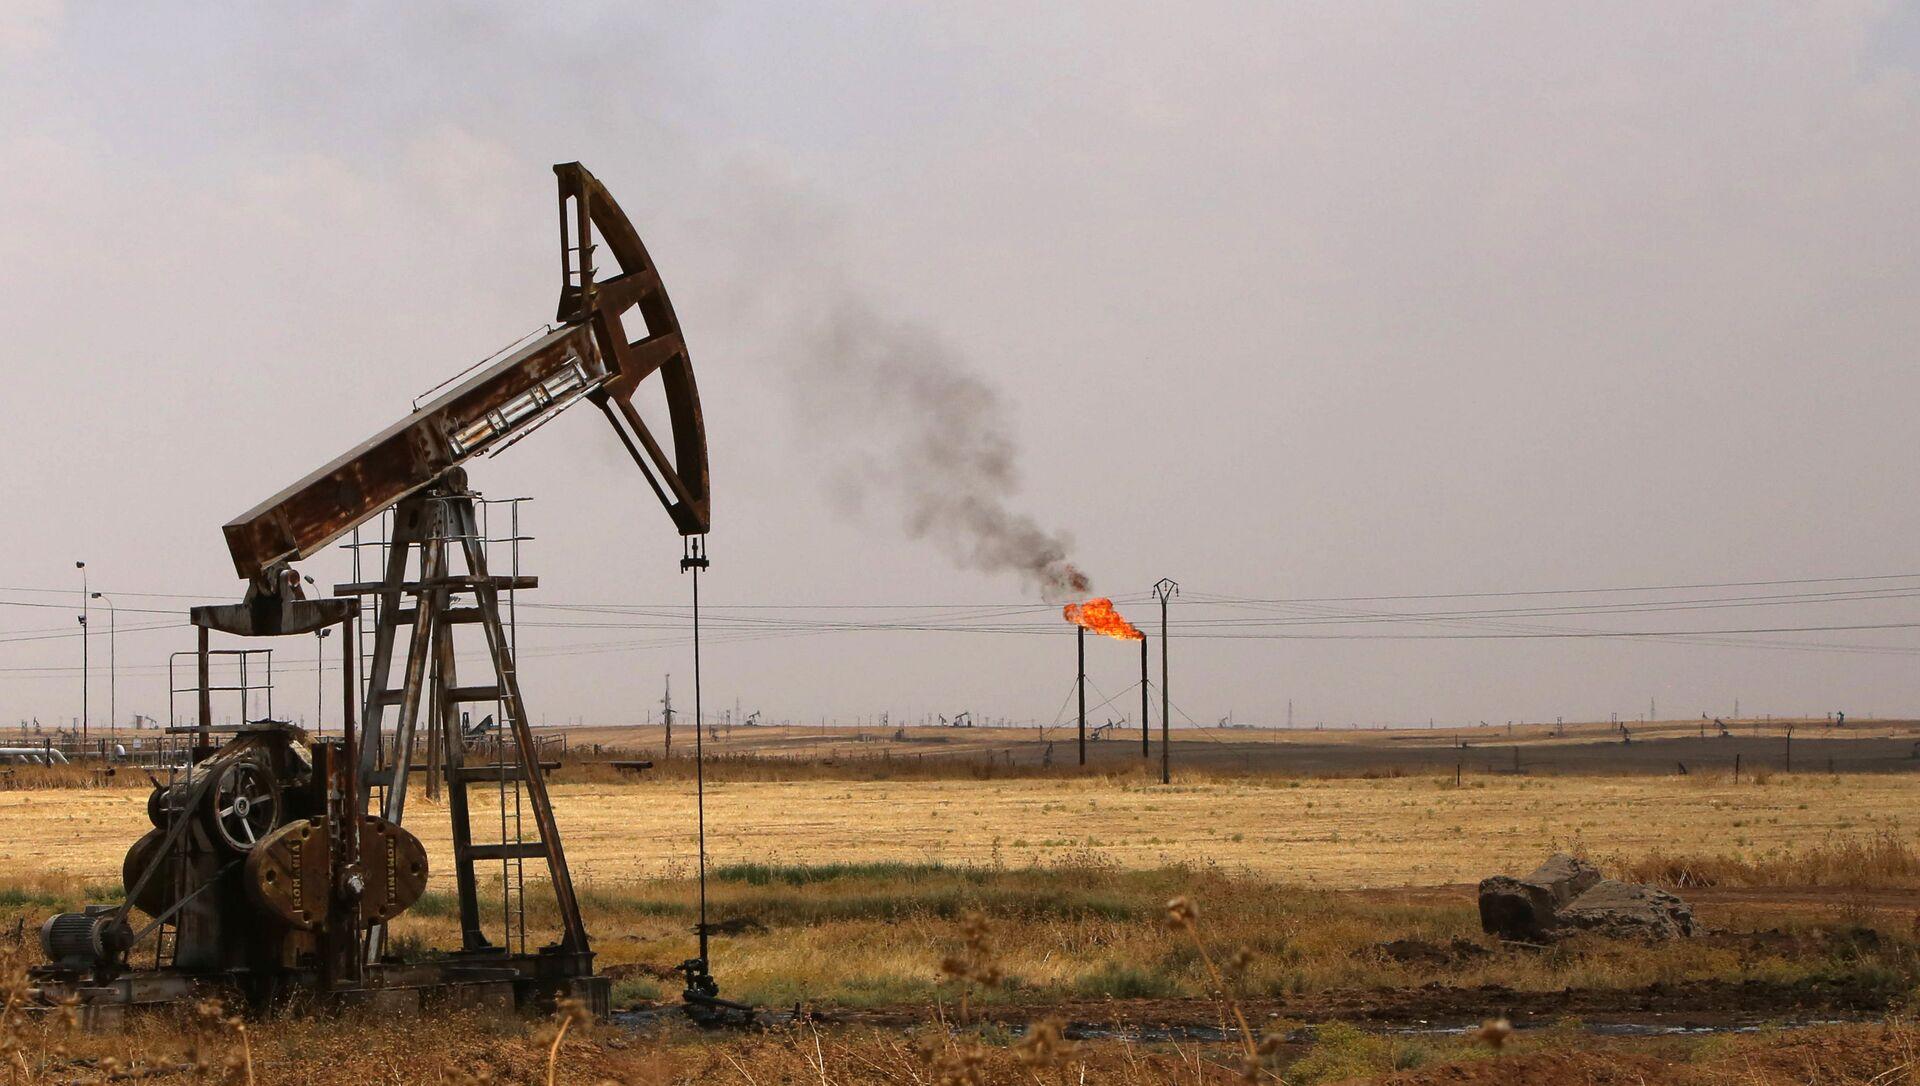 Des pompes de puits de pétrole dans le champ pétrolier de Rmeilane, dans la province de Hasakeh, au nord-est de la Syrie. - Sputnik France, 1920, 22.03.2021